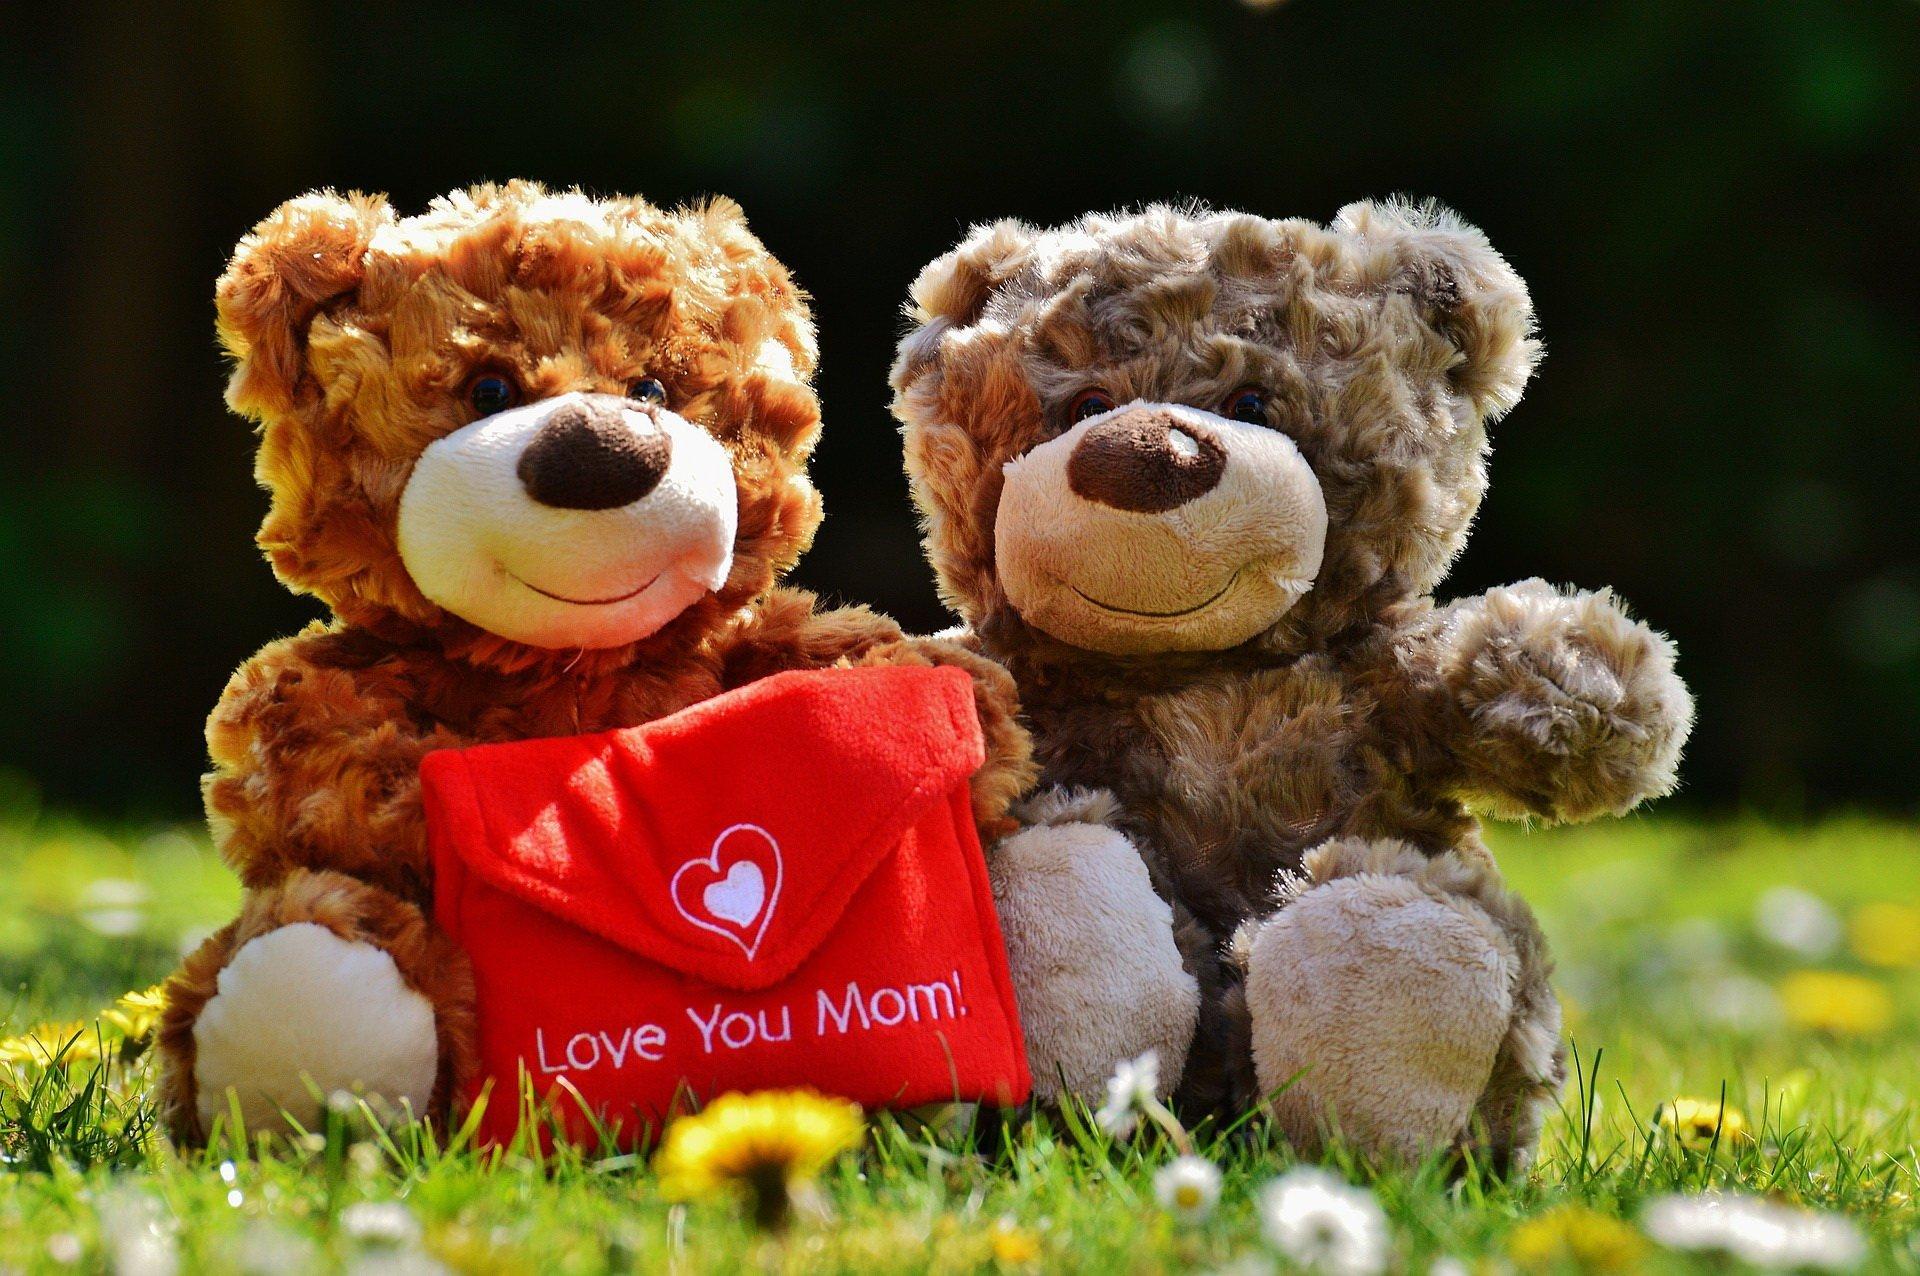 Mamo, wiersz dla mamy, wierszyki i piosenki na Dzień Mamy